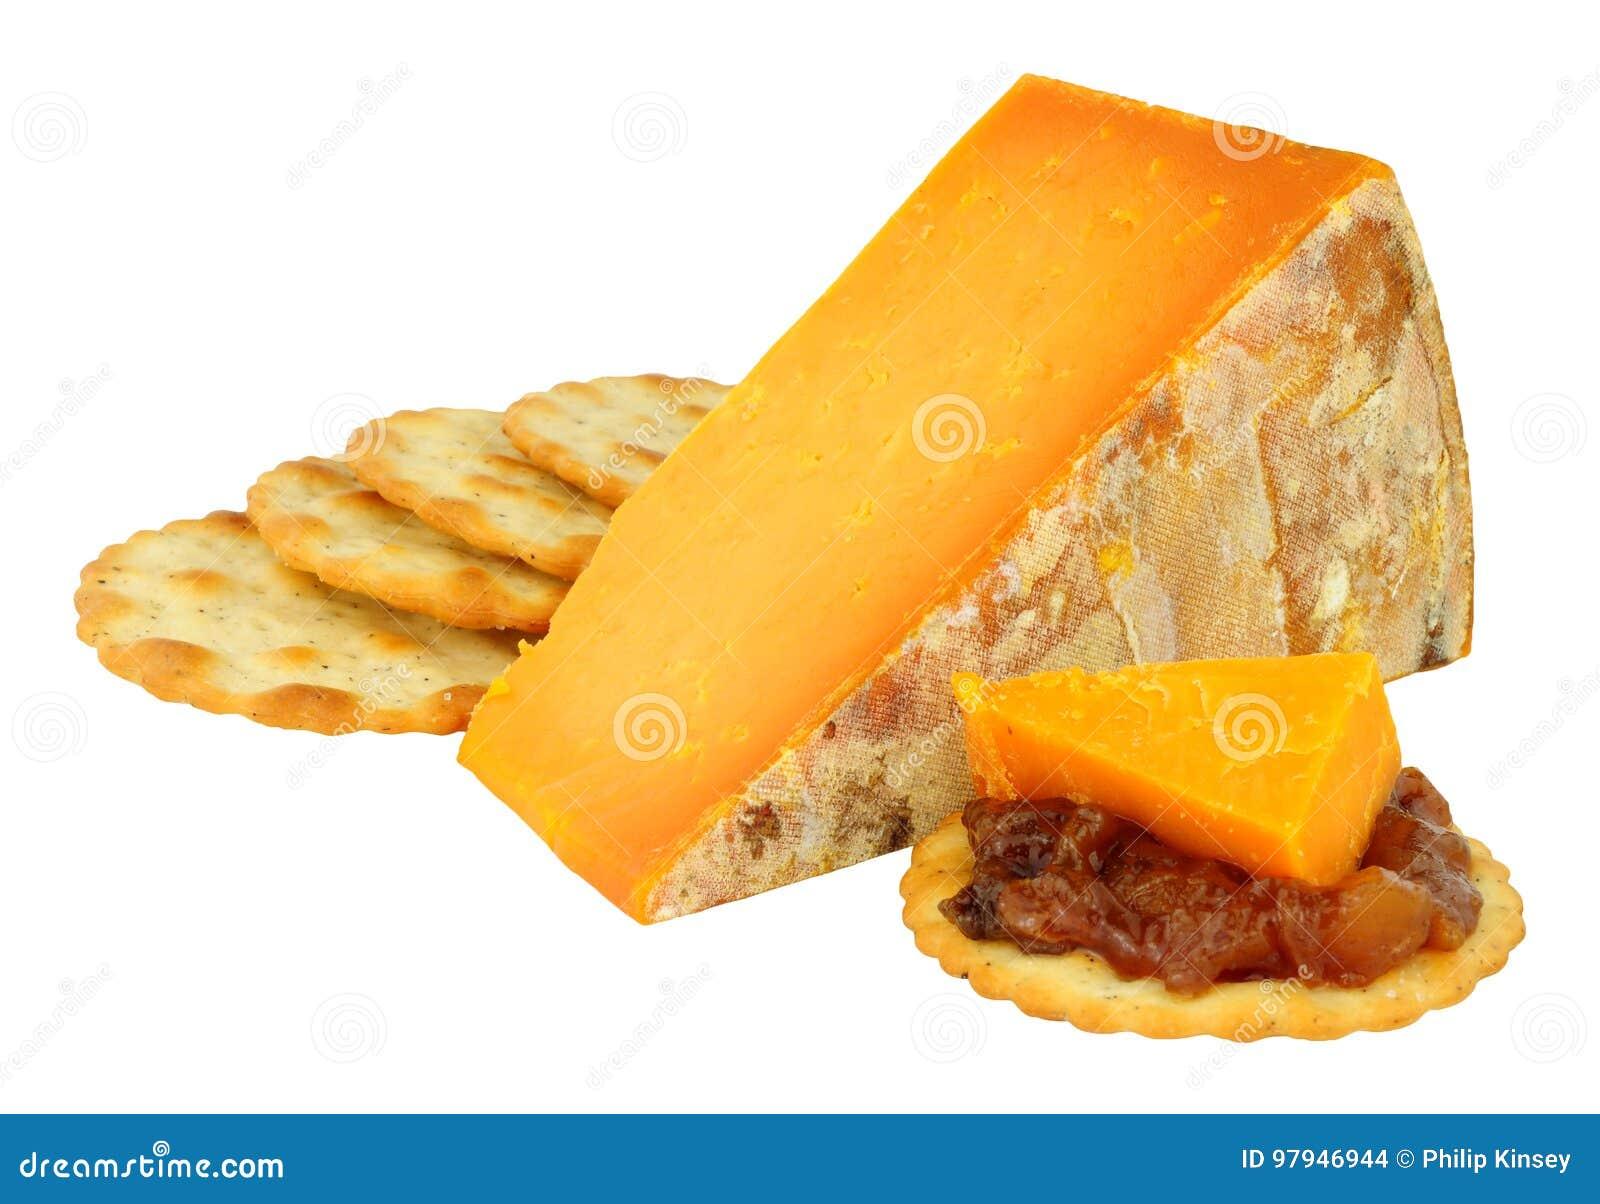 Rutland Red Cheese Wedge